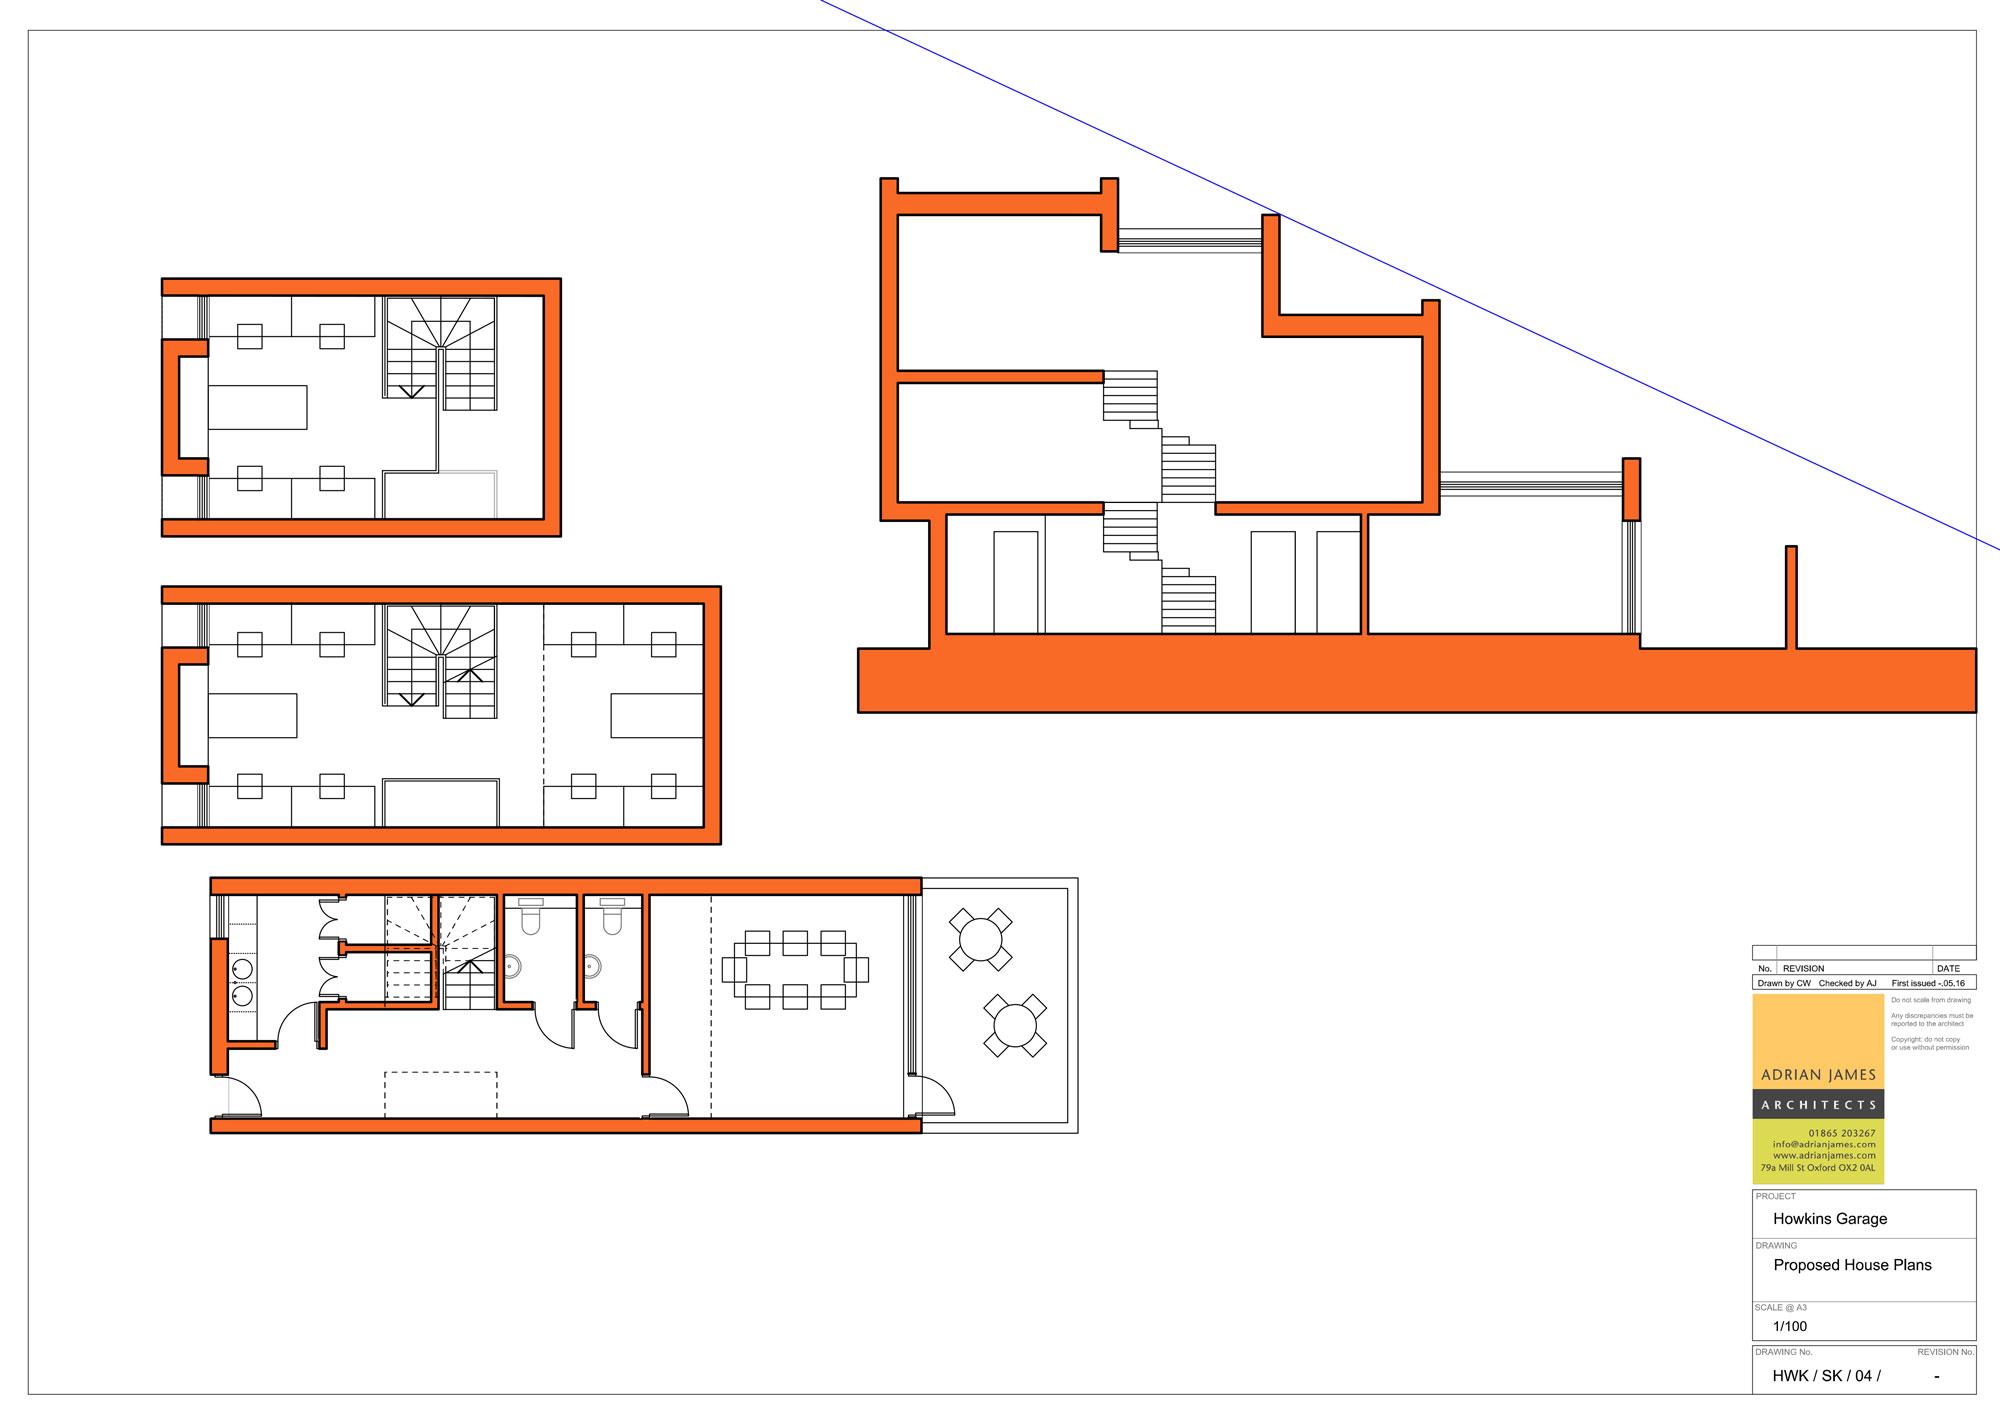 office-plans.jpg